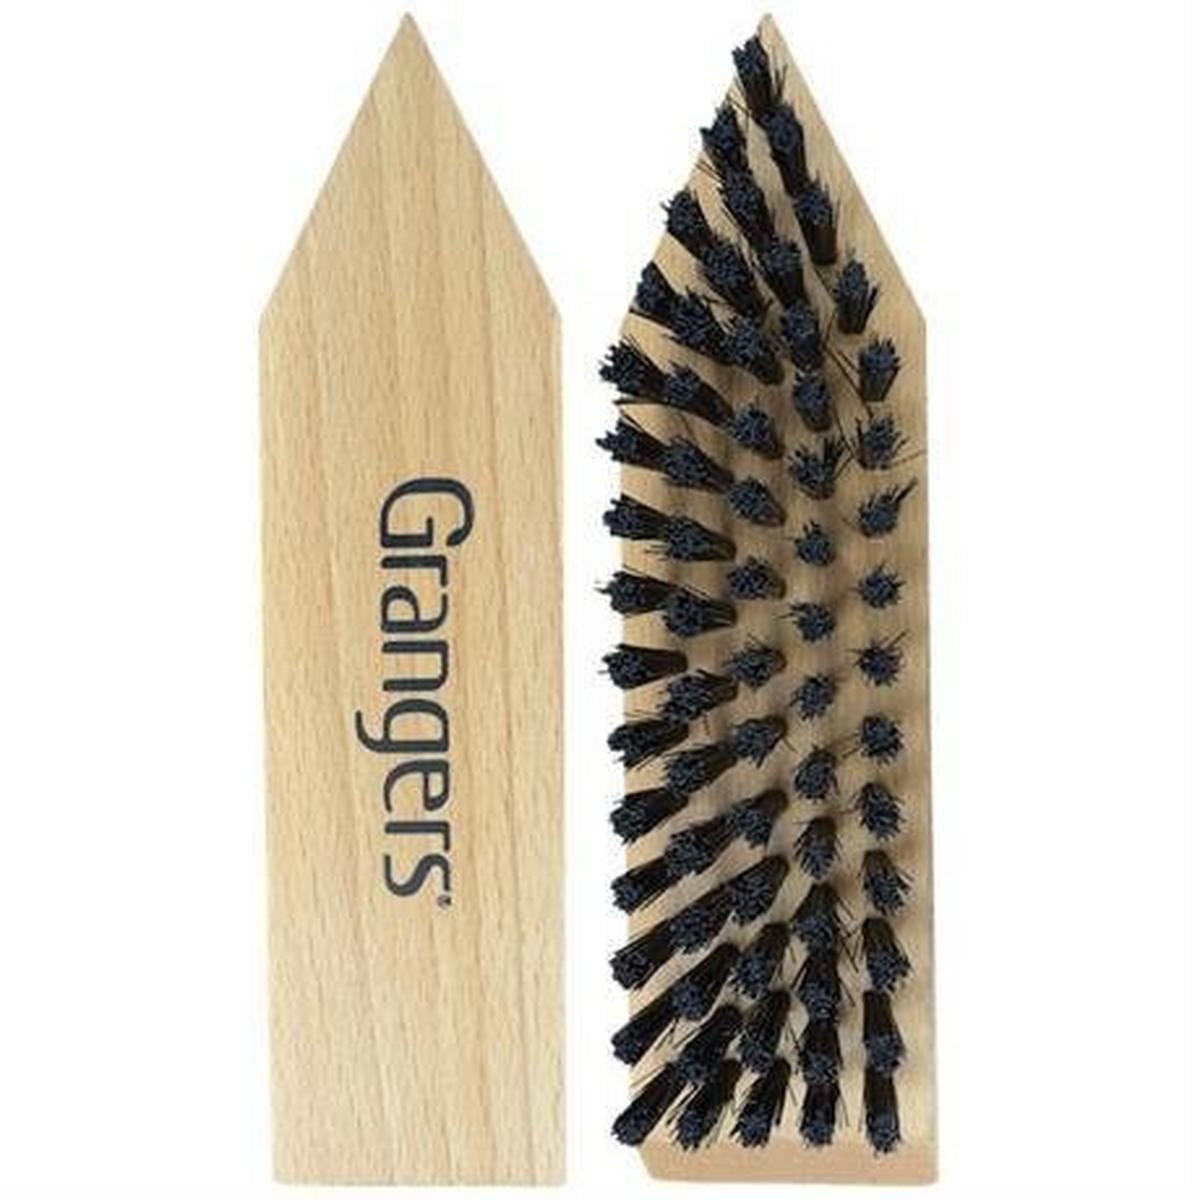 Grangers Granger's Footwear Brush